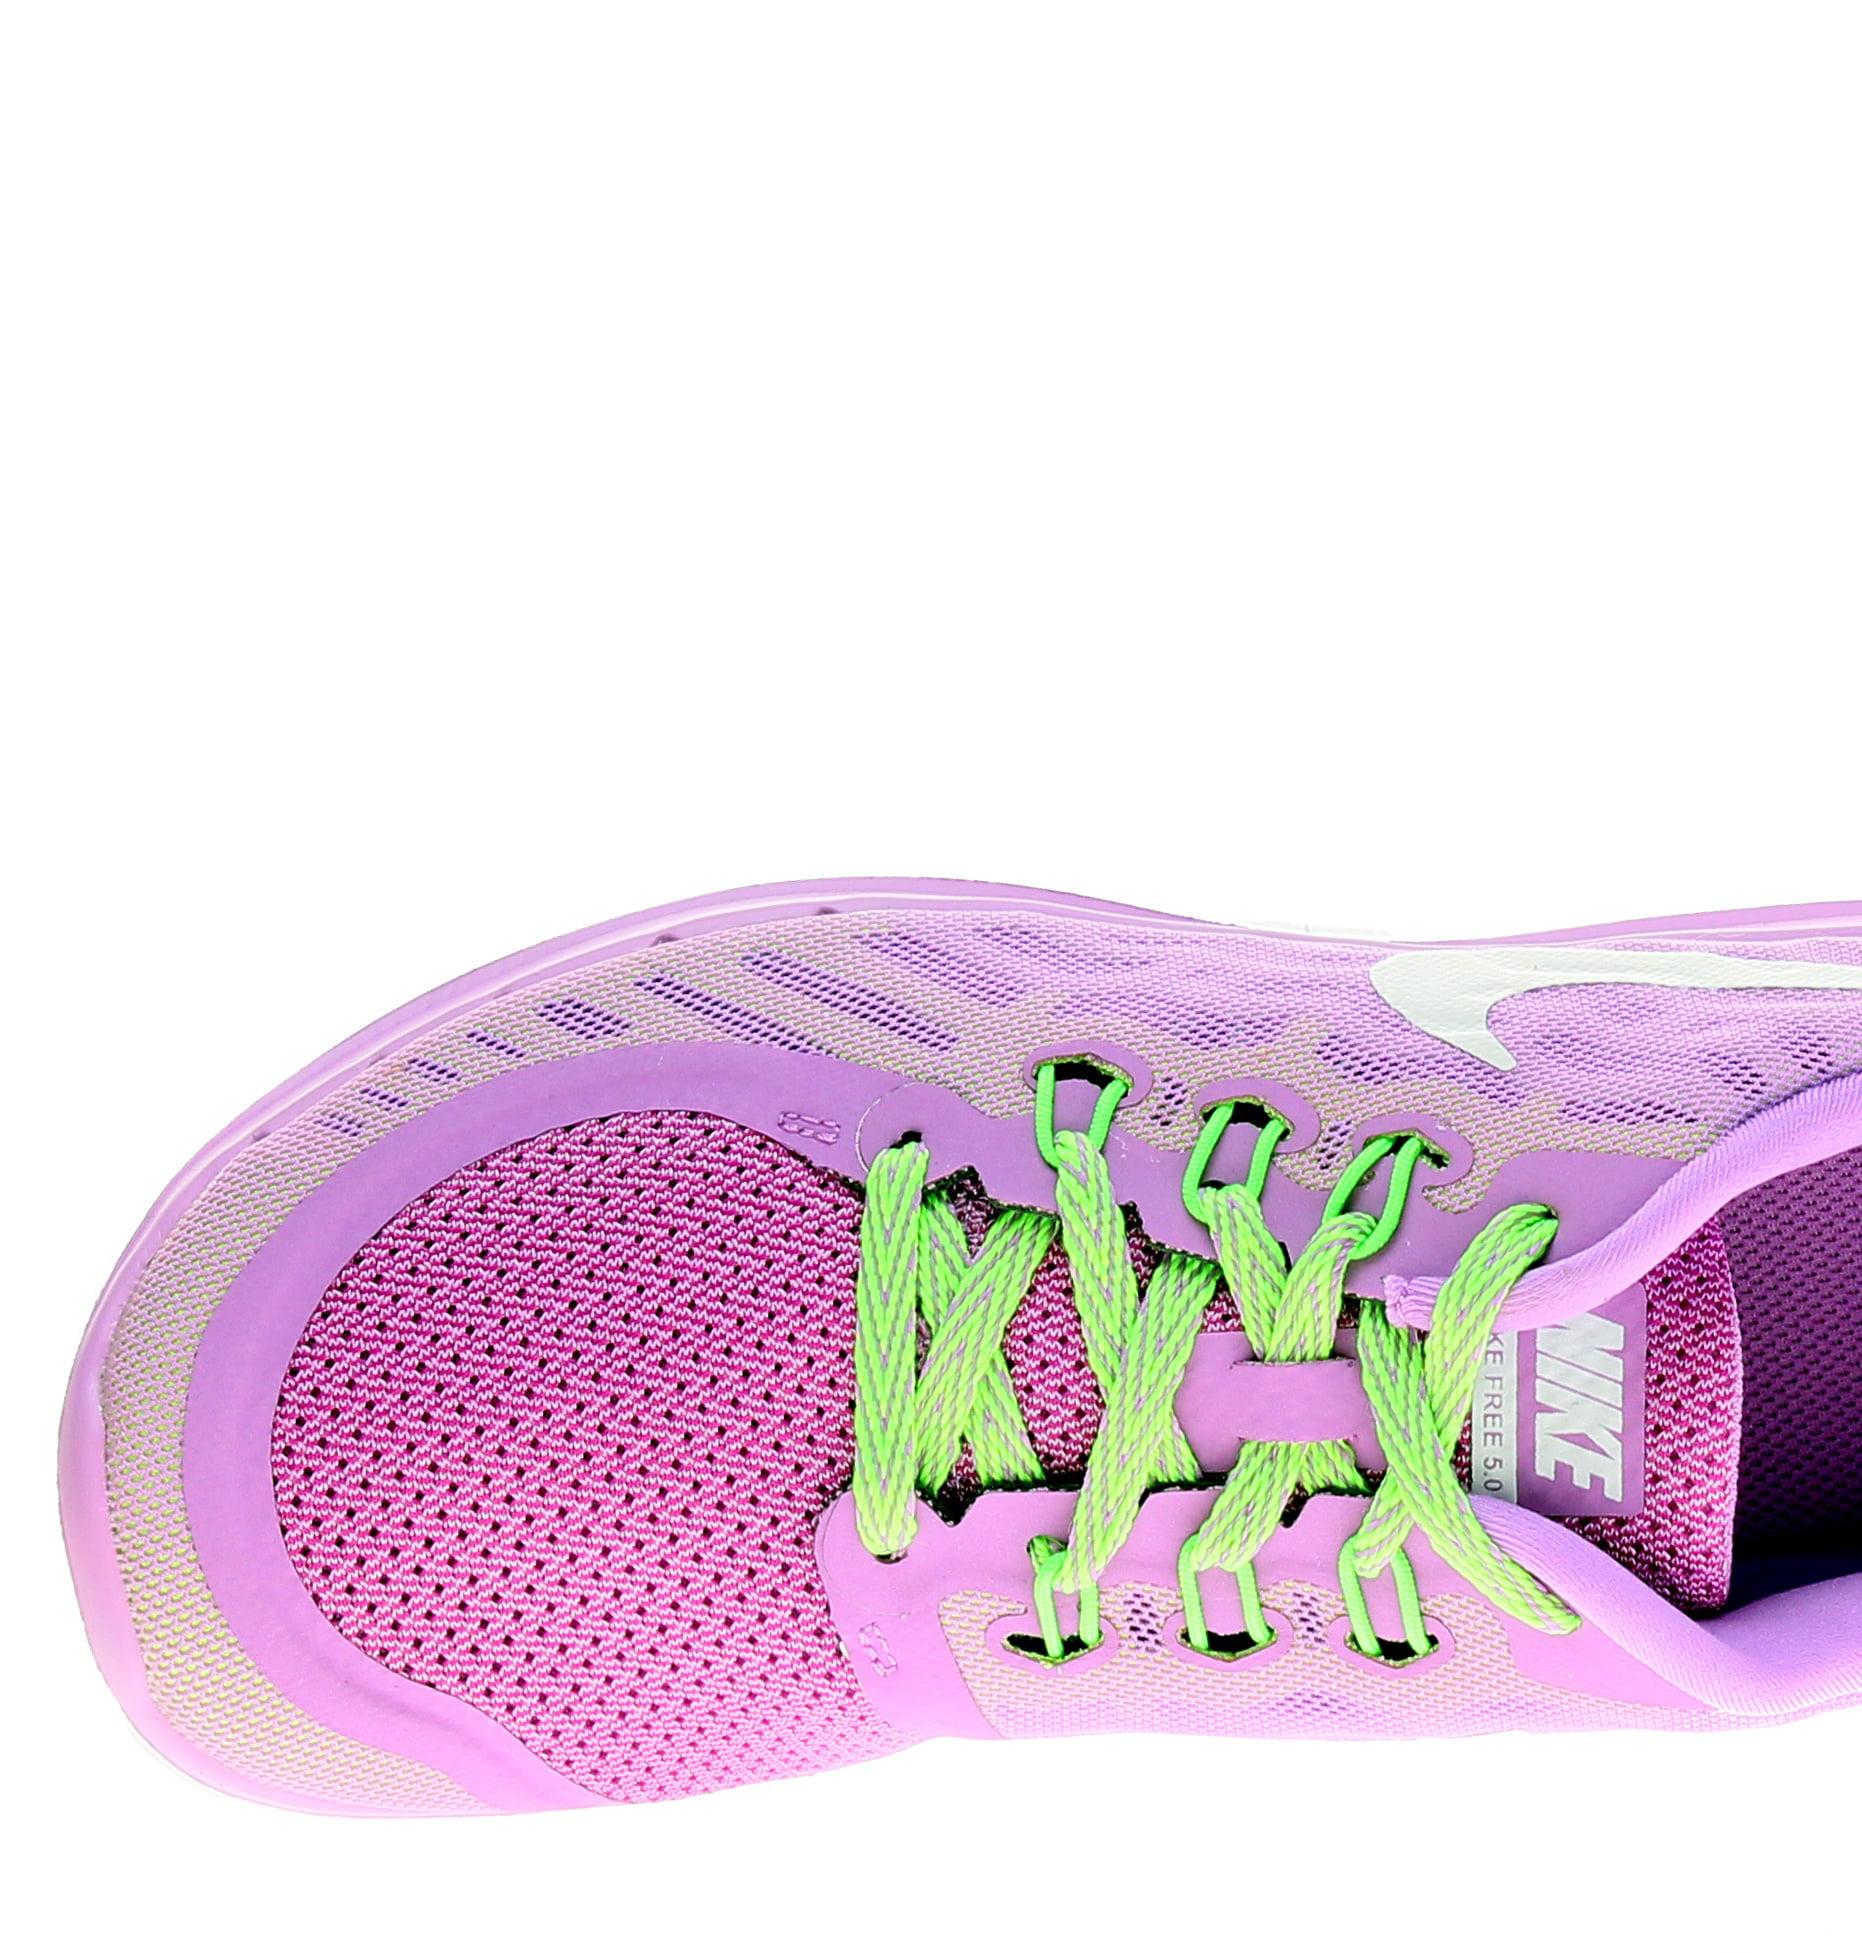 Nike Free 5.0 (GS) White/Pink Pow Girls' Running Shoes 725114-500